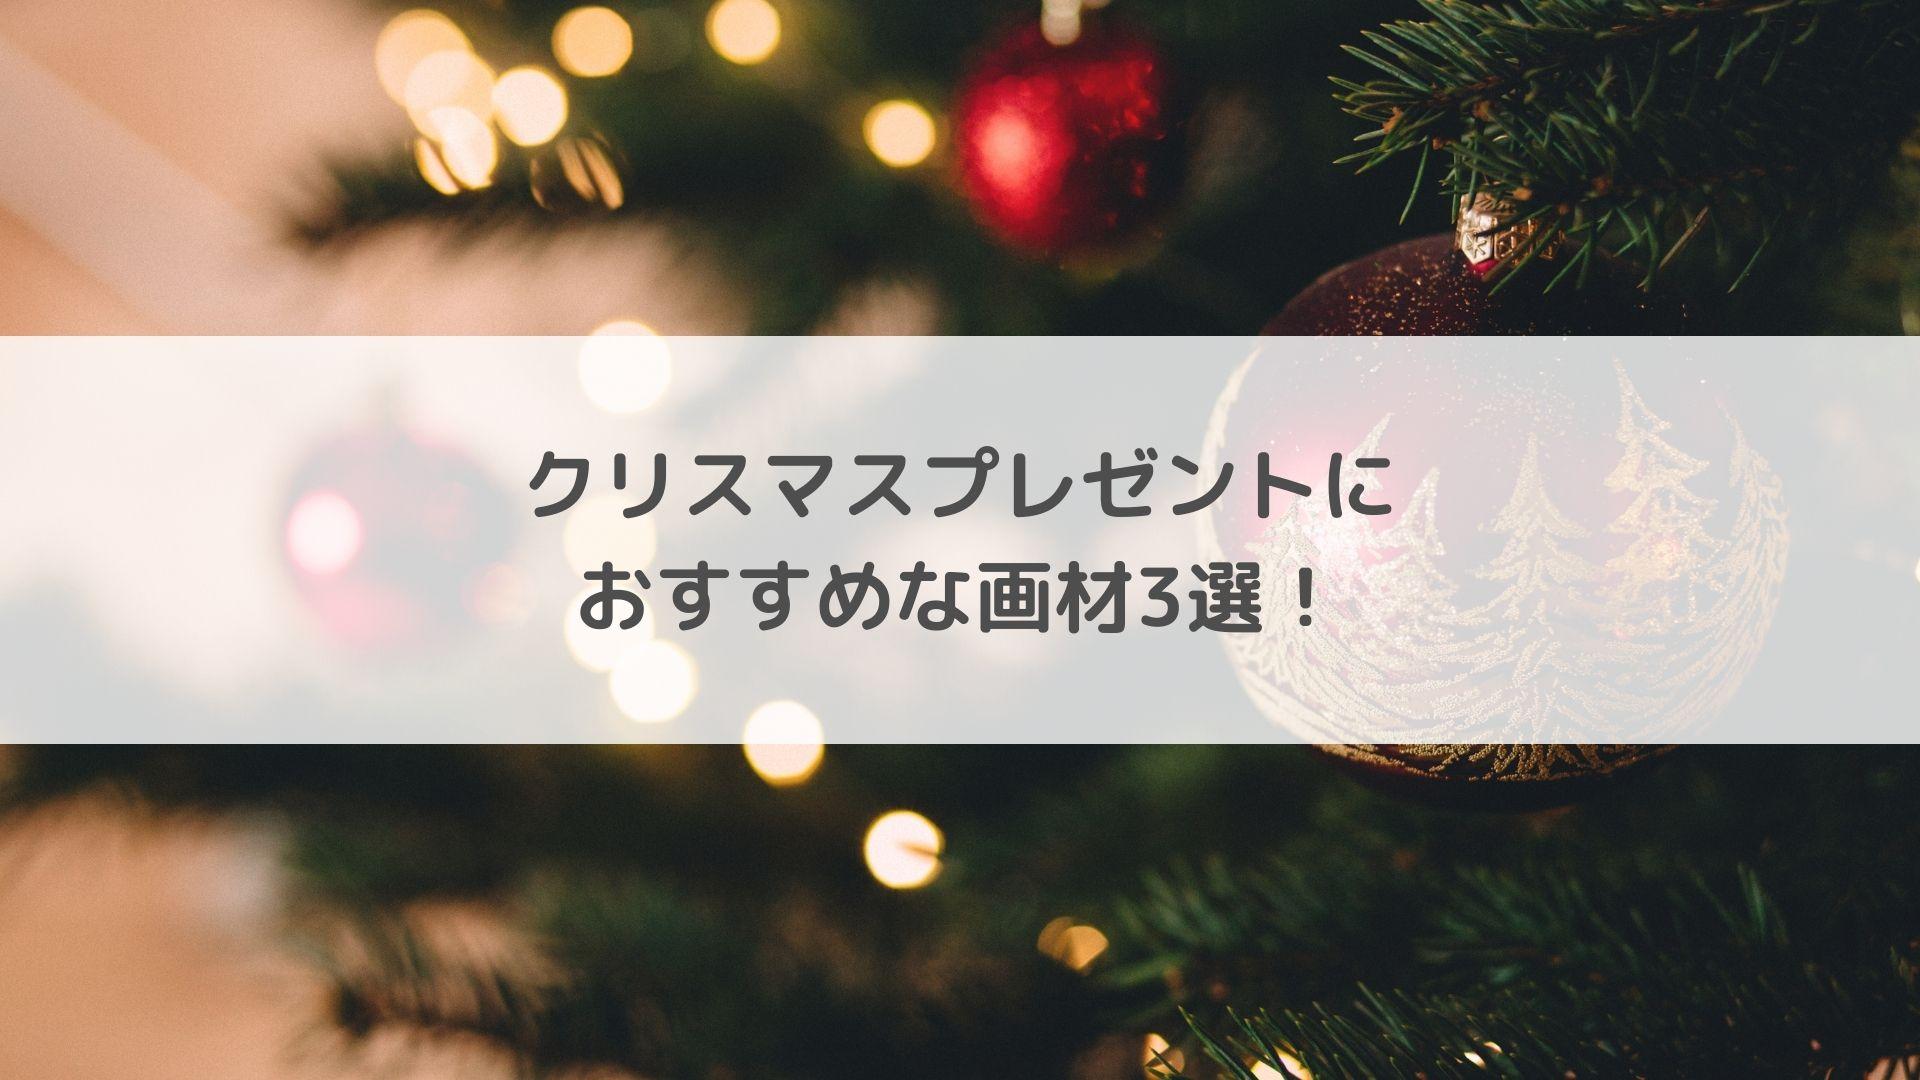 クリスマスプレゼントにおすすめな画材3選!【絵が好きな人へ】